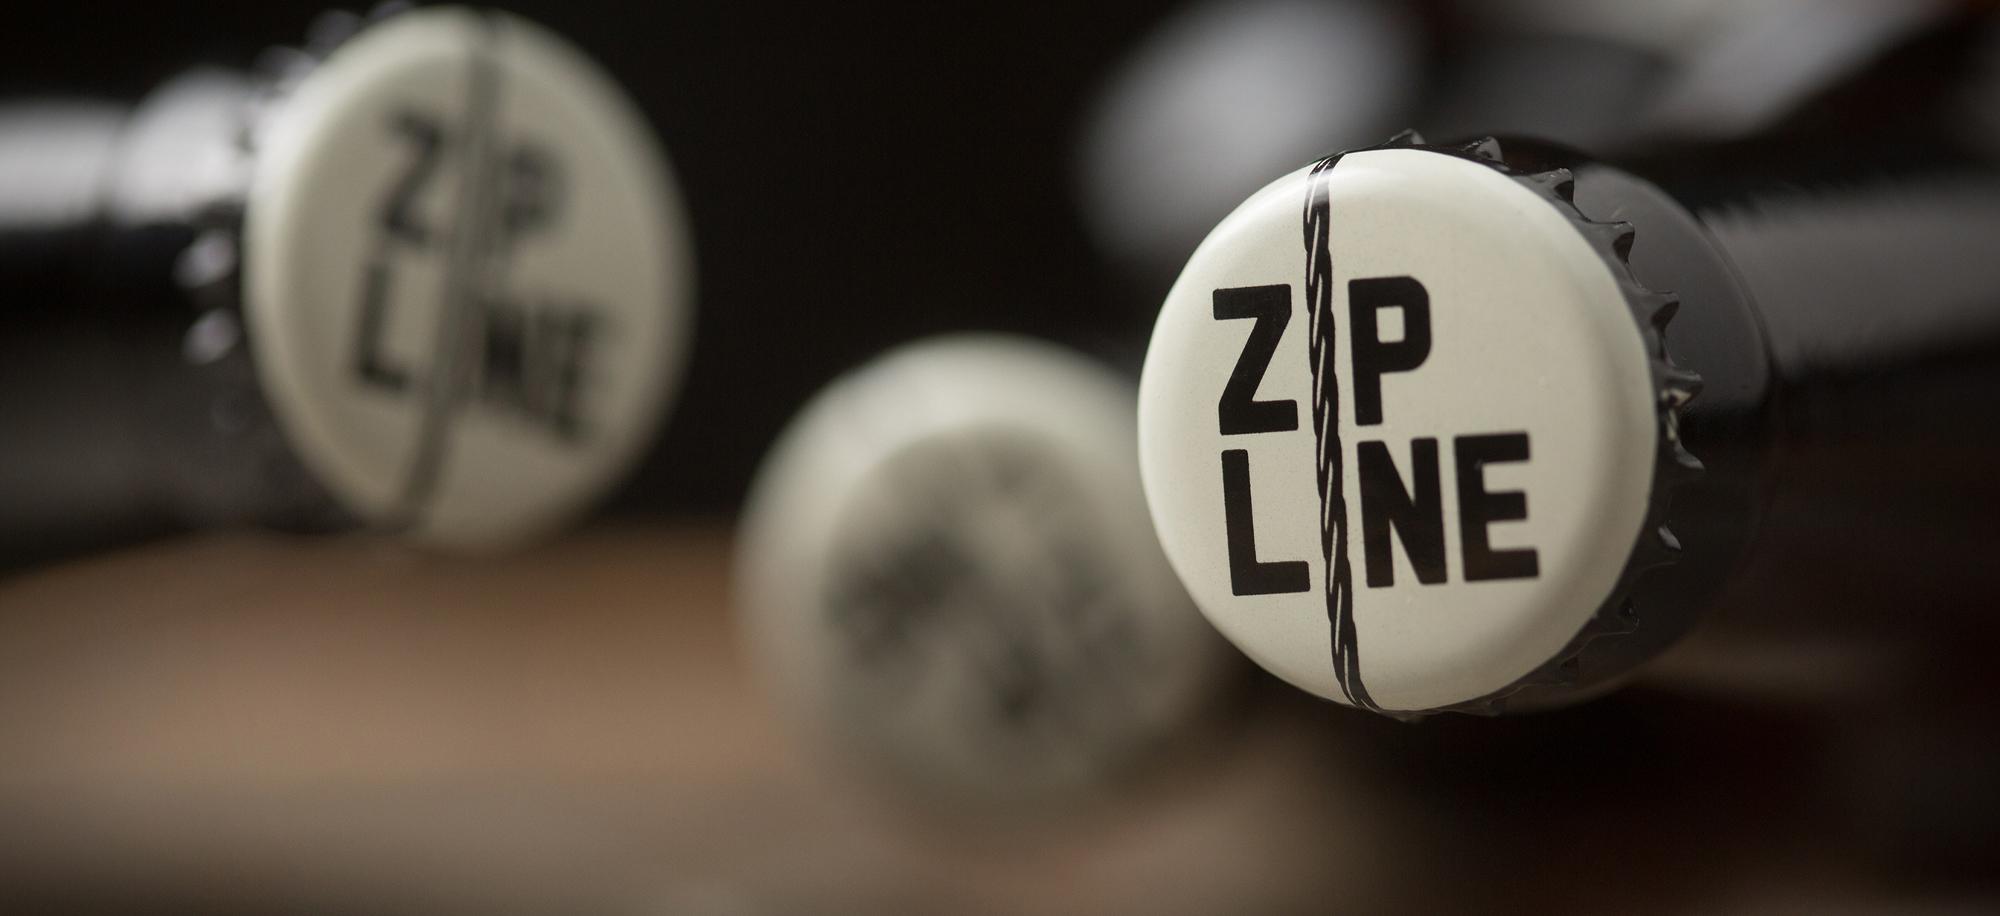 Zipline Bottle Cap Design